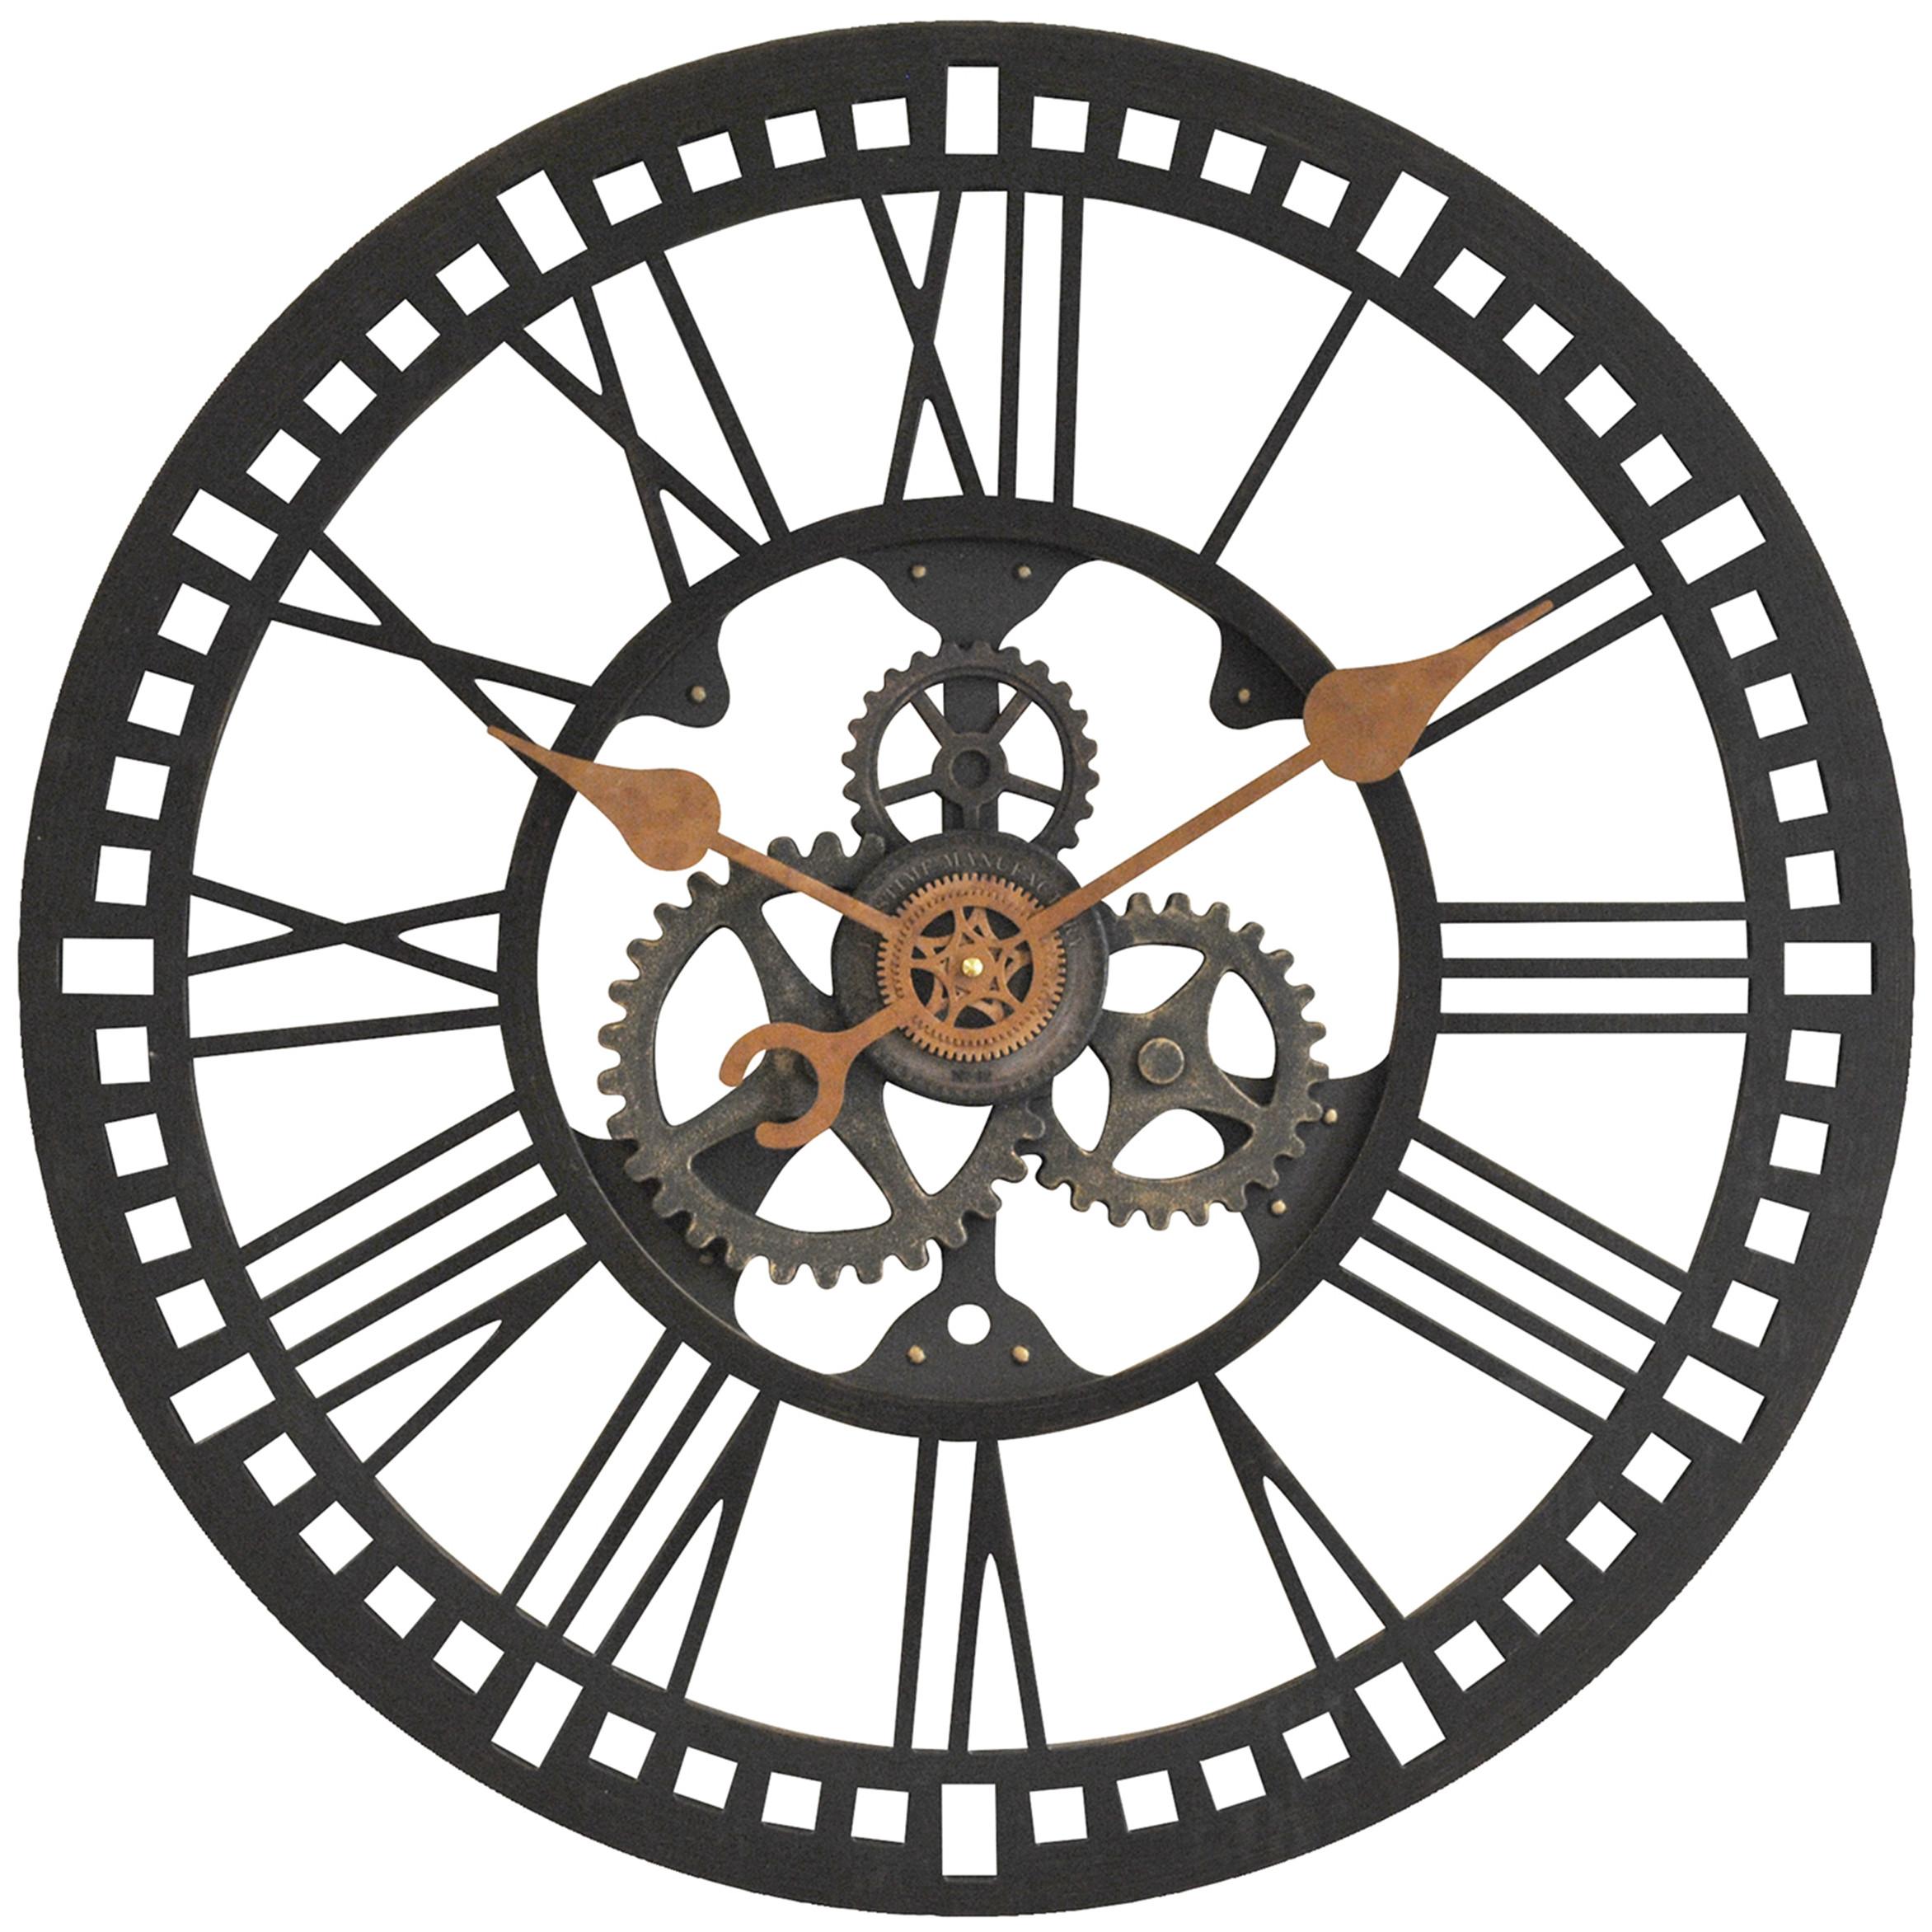 Drawn gears Gears Exposed Wall Full Clock